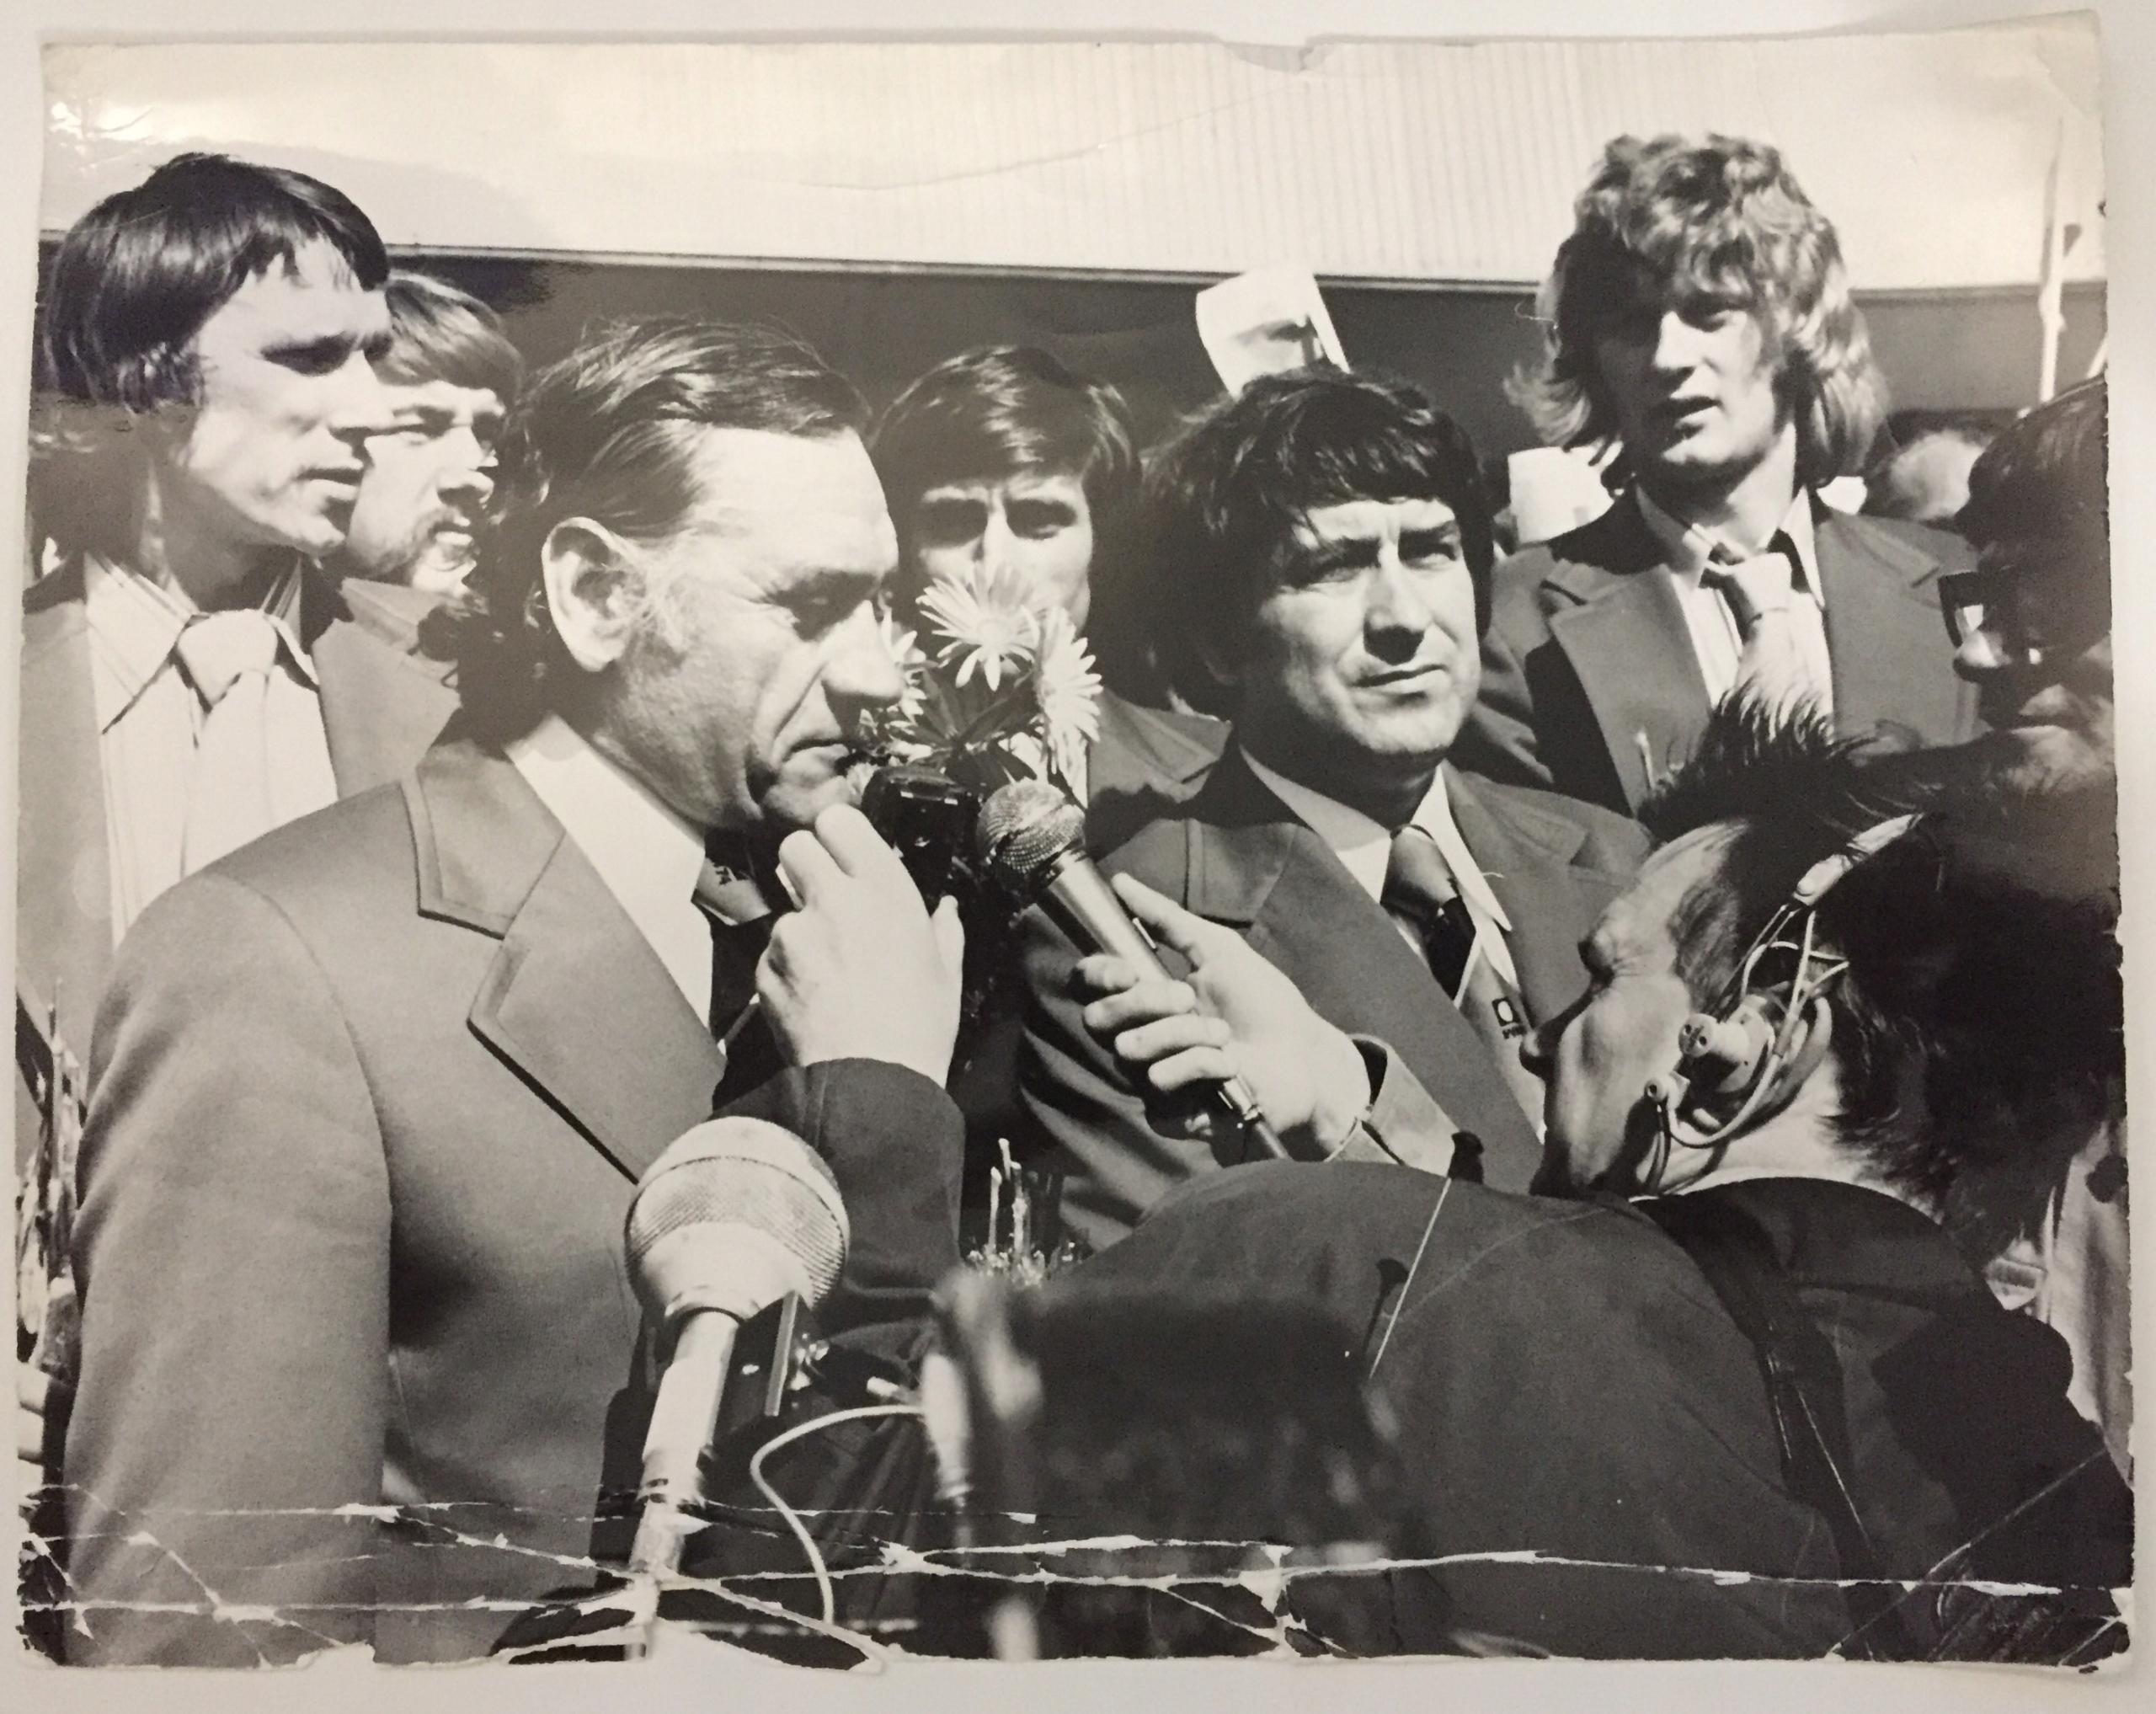 FOTOGRAFIA POWRÓT REPREZENTACJI POLSKI Z MŚ 1974 R